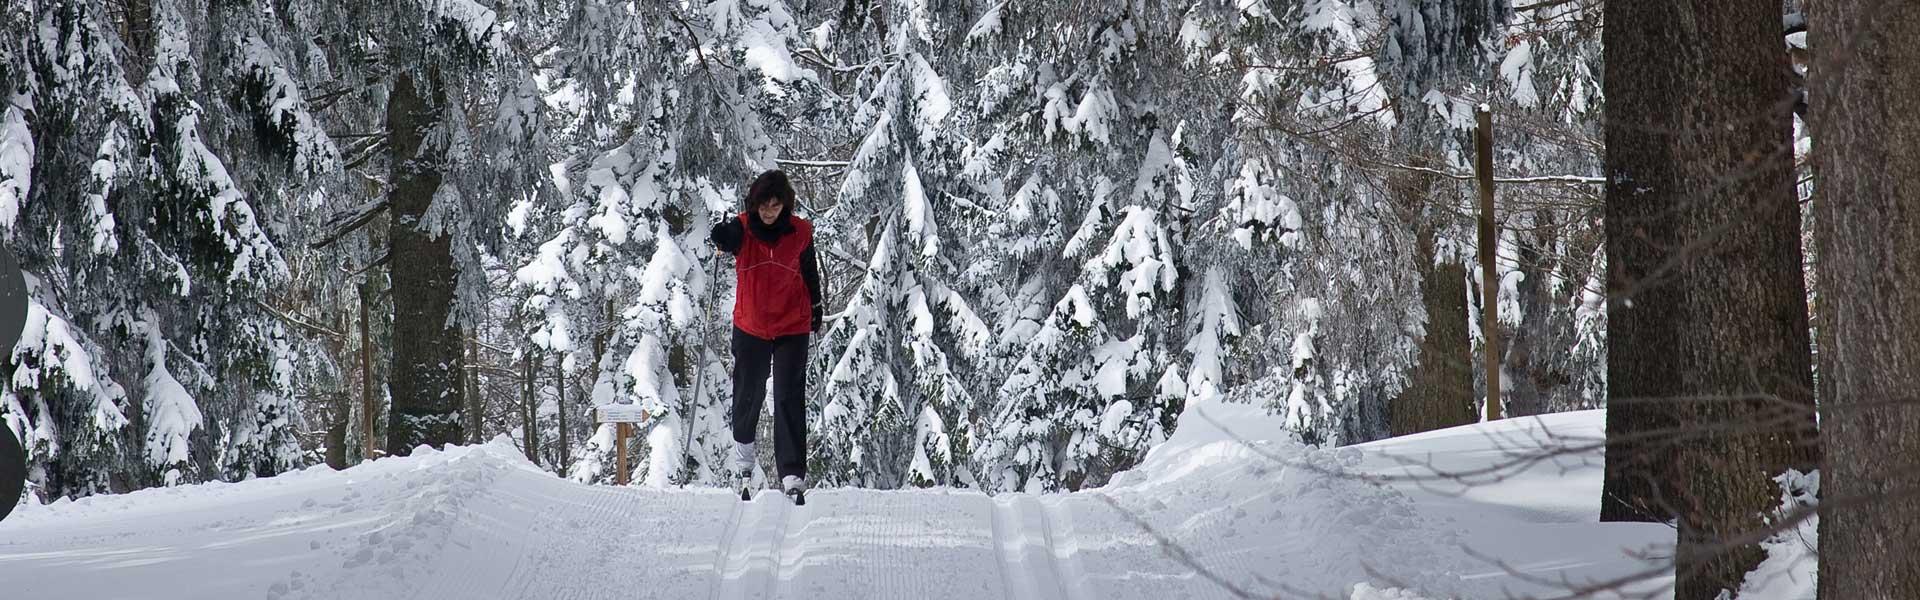 Langlaufen in Waldkirchen – quer durchs Winterwunderland